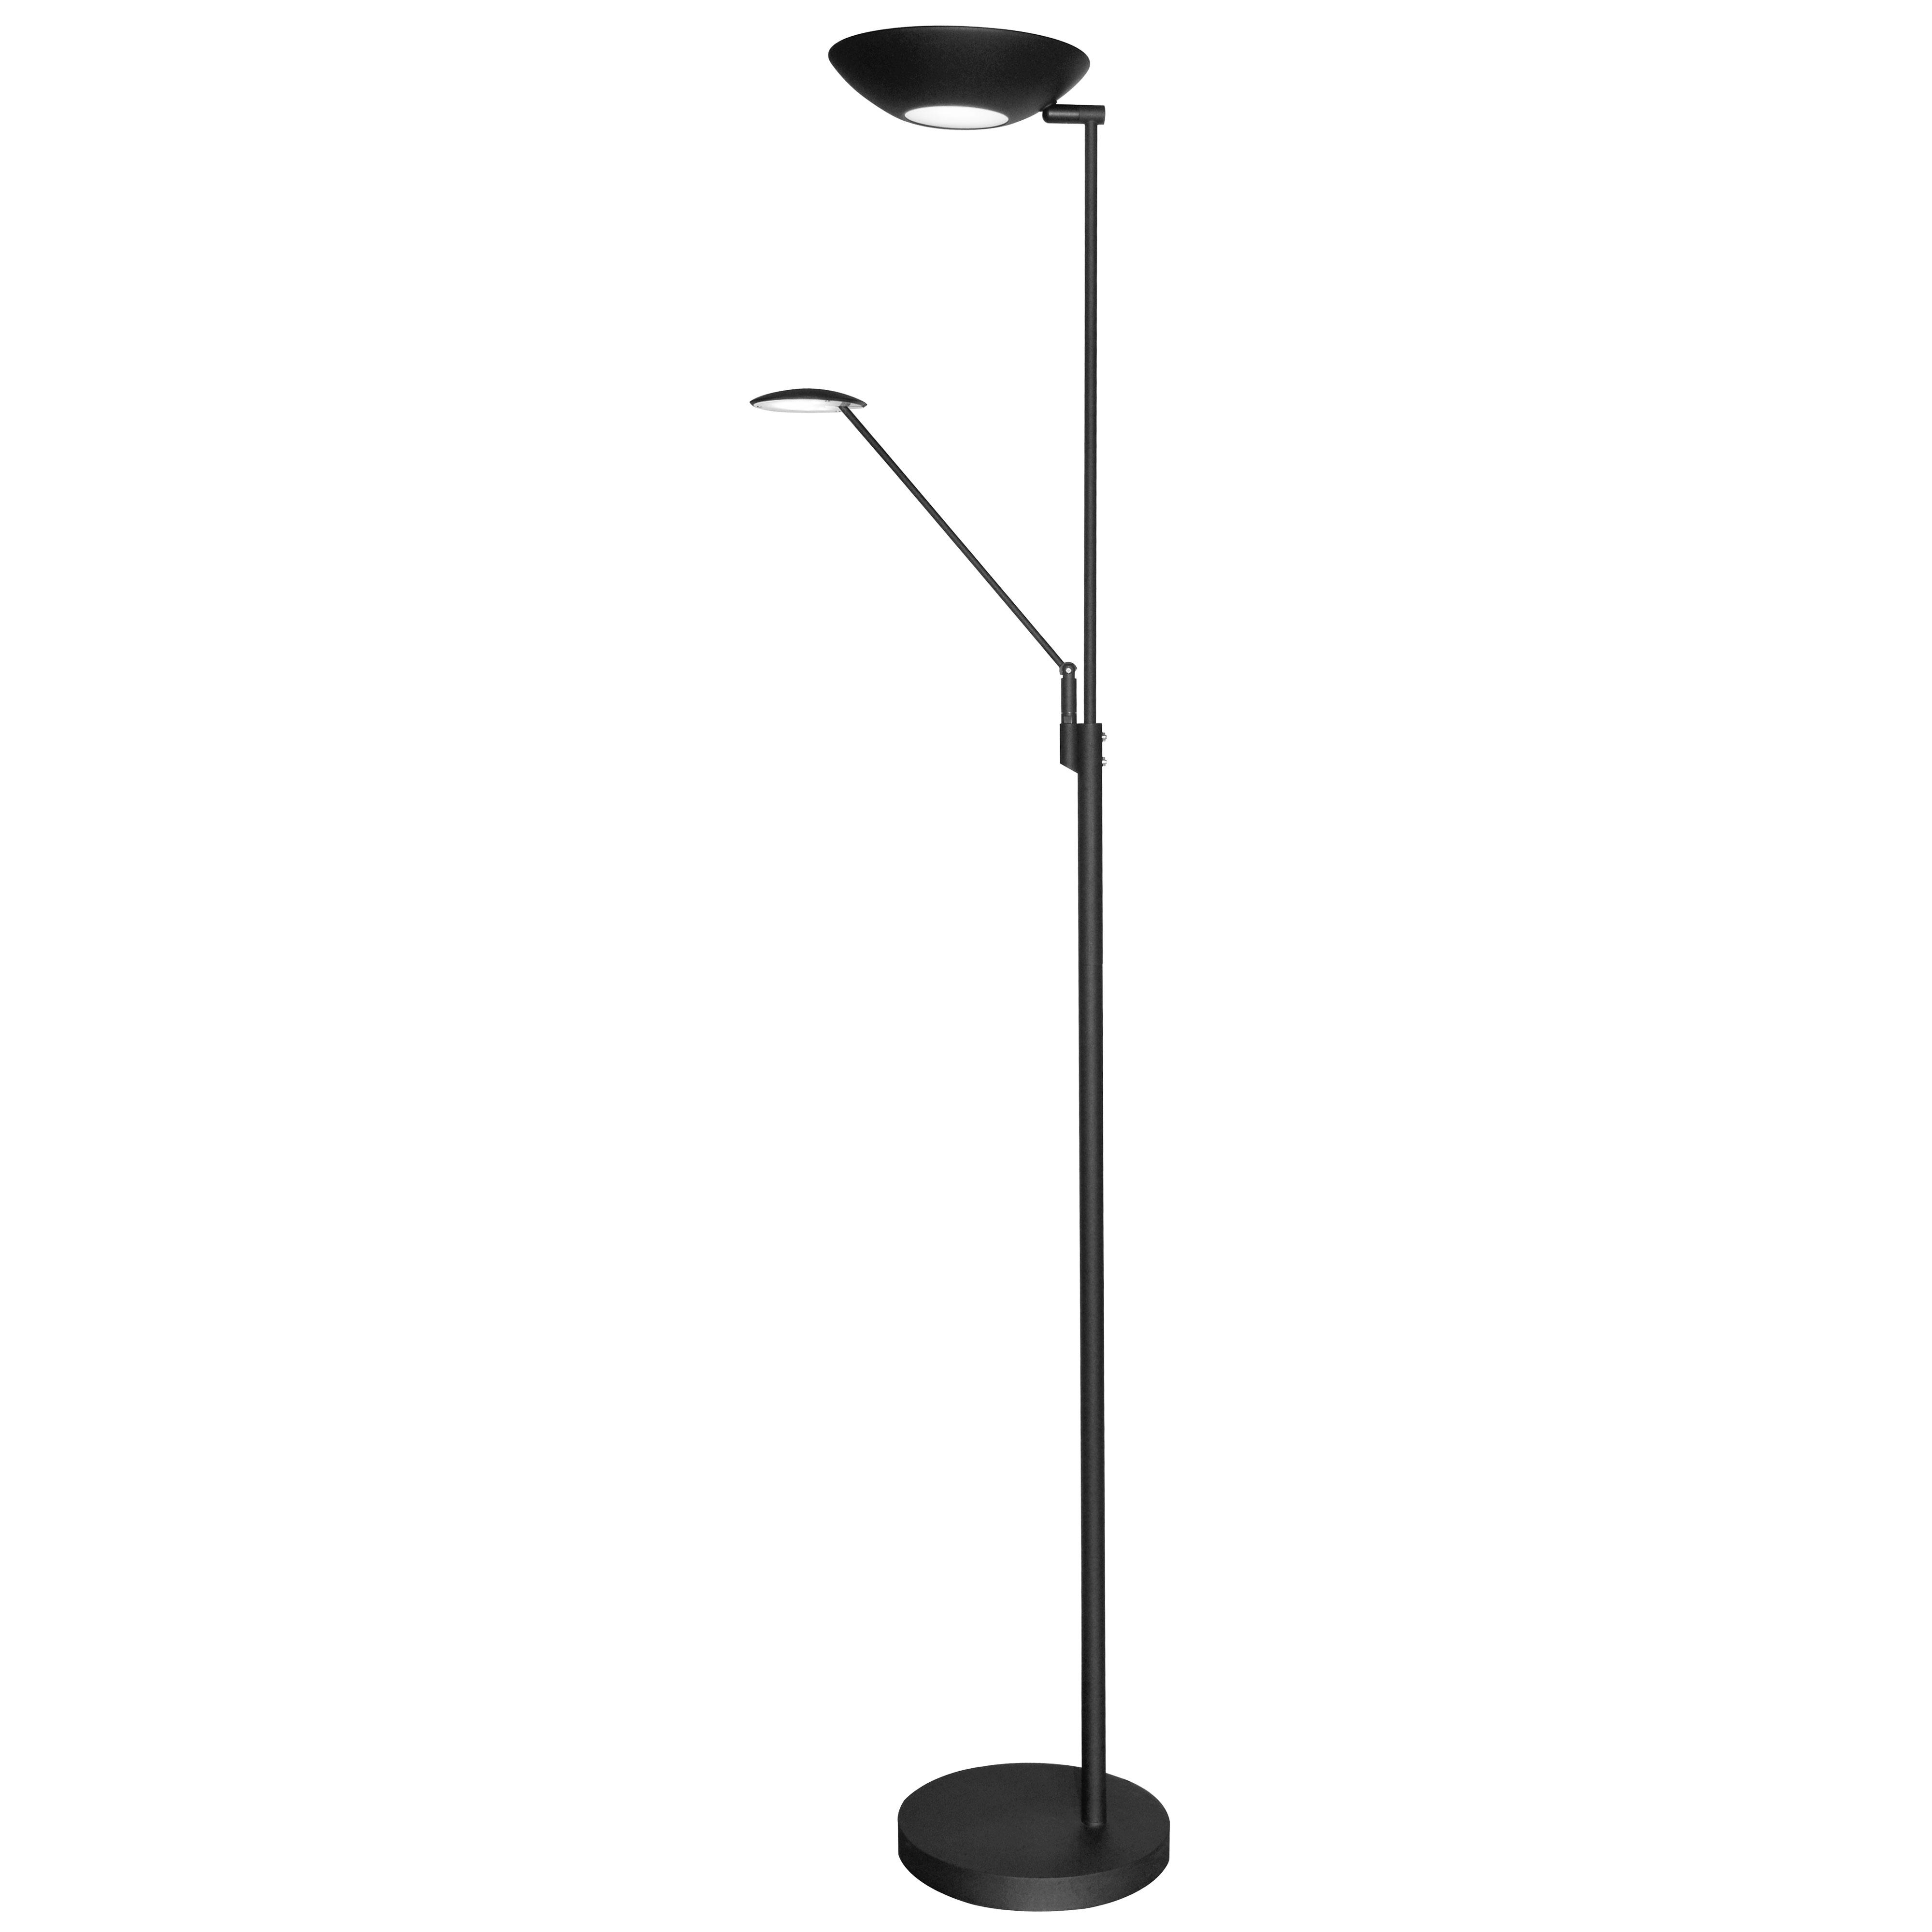 Mother & Son LED Floor Lamp, Black Finish